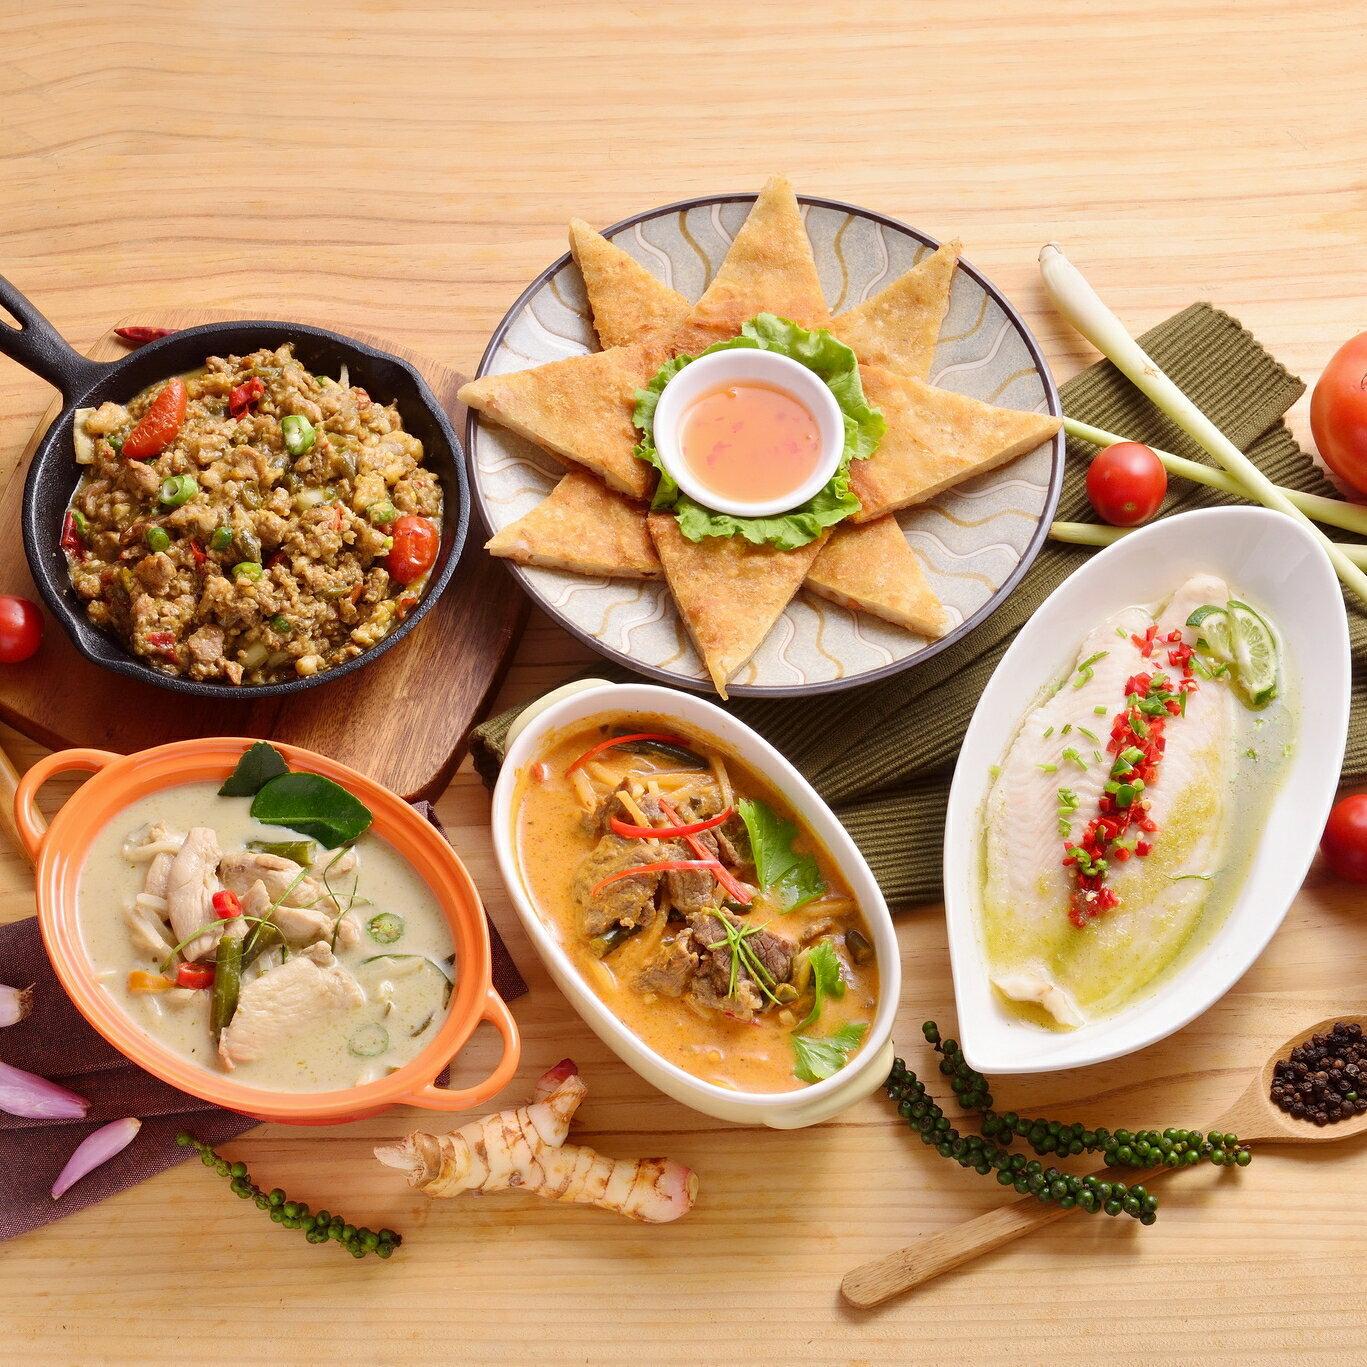 【組合】5菜 - 泰式料理個人豪華組(約2-3人份)【泰亞迷】團購美食 /  /  / 泰式料理包、5分輕鬆上菜 1